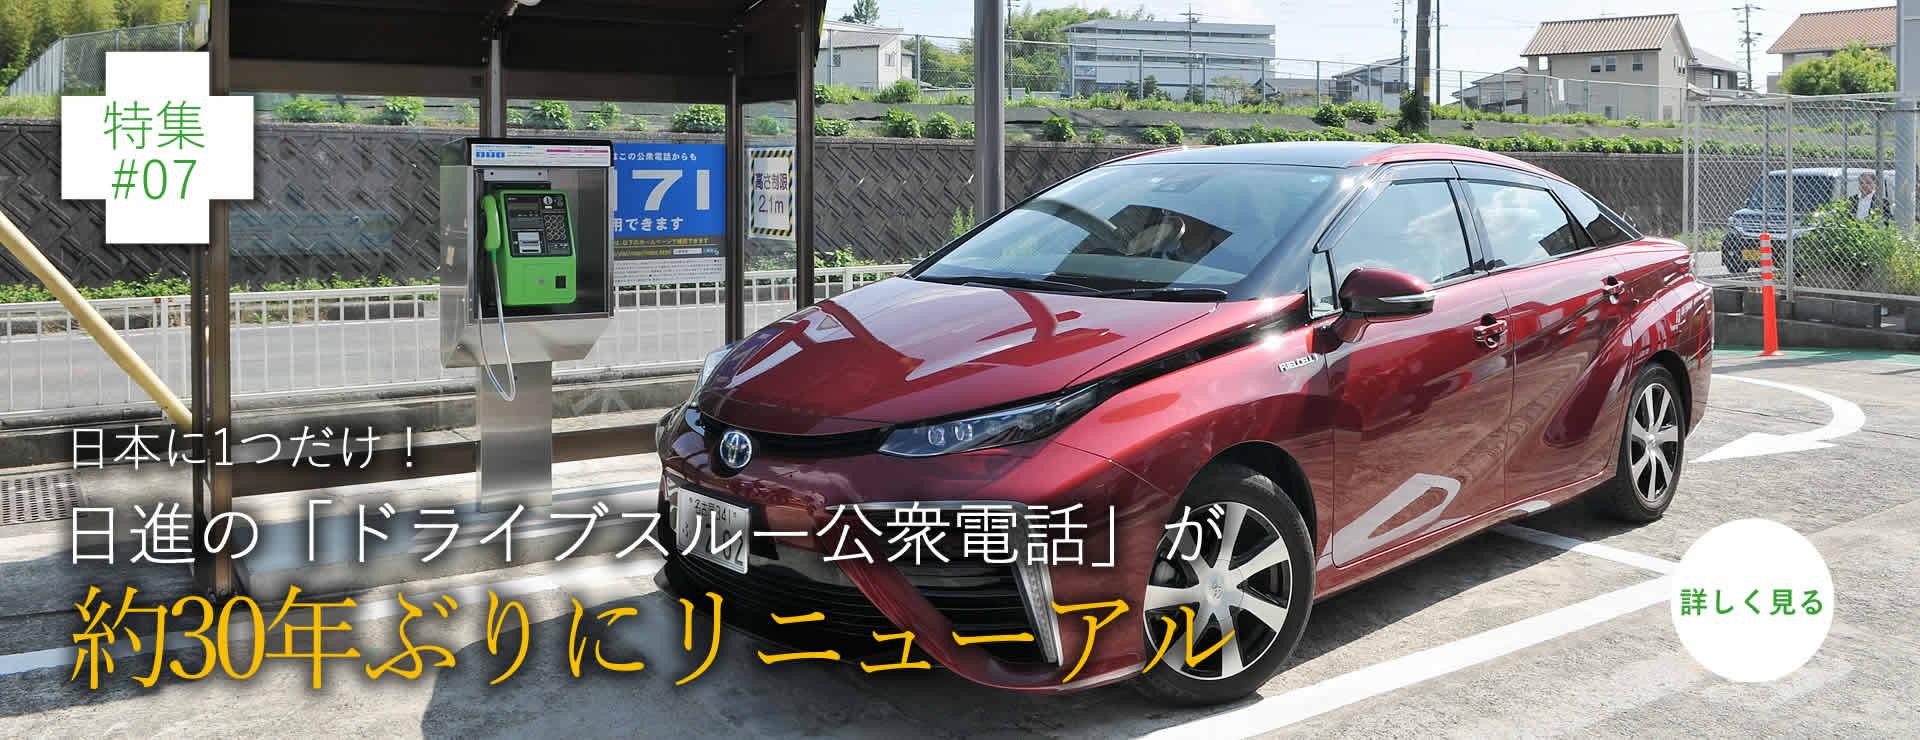 日本に2つだけ!日進の「ドライブスルー公衆電話」が約30年ぶりにリニューアル